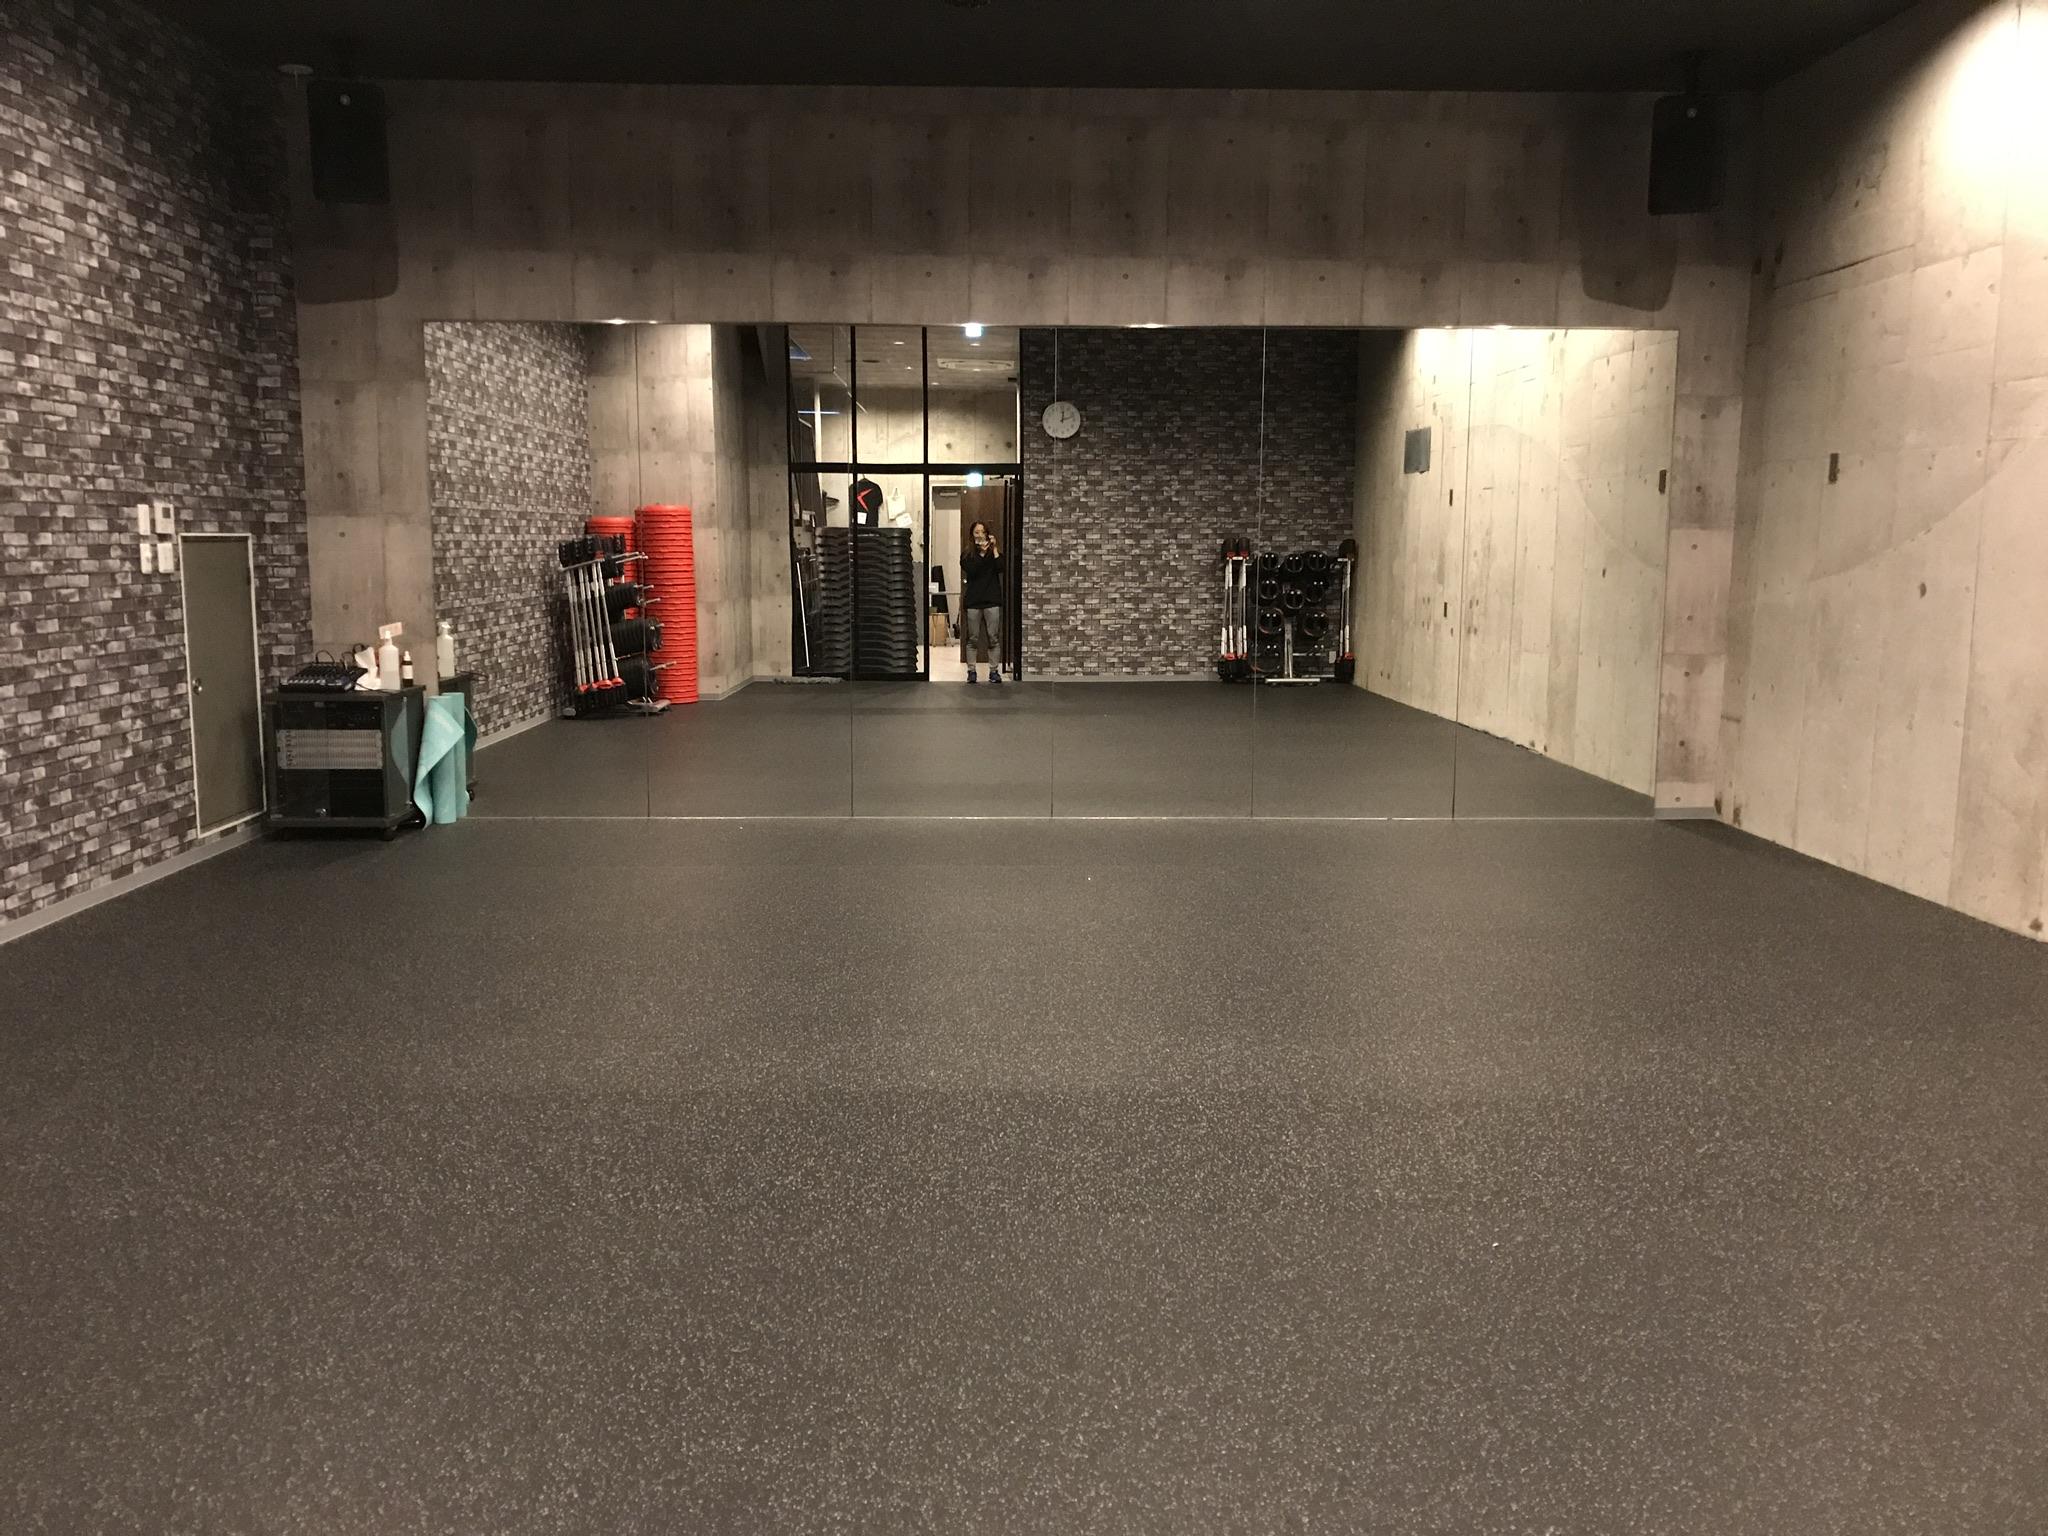 階段を下りた先に、受付と大きな鏡を備えたスタジオがある